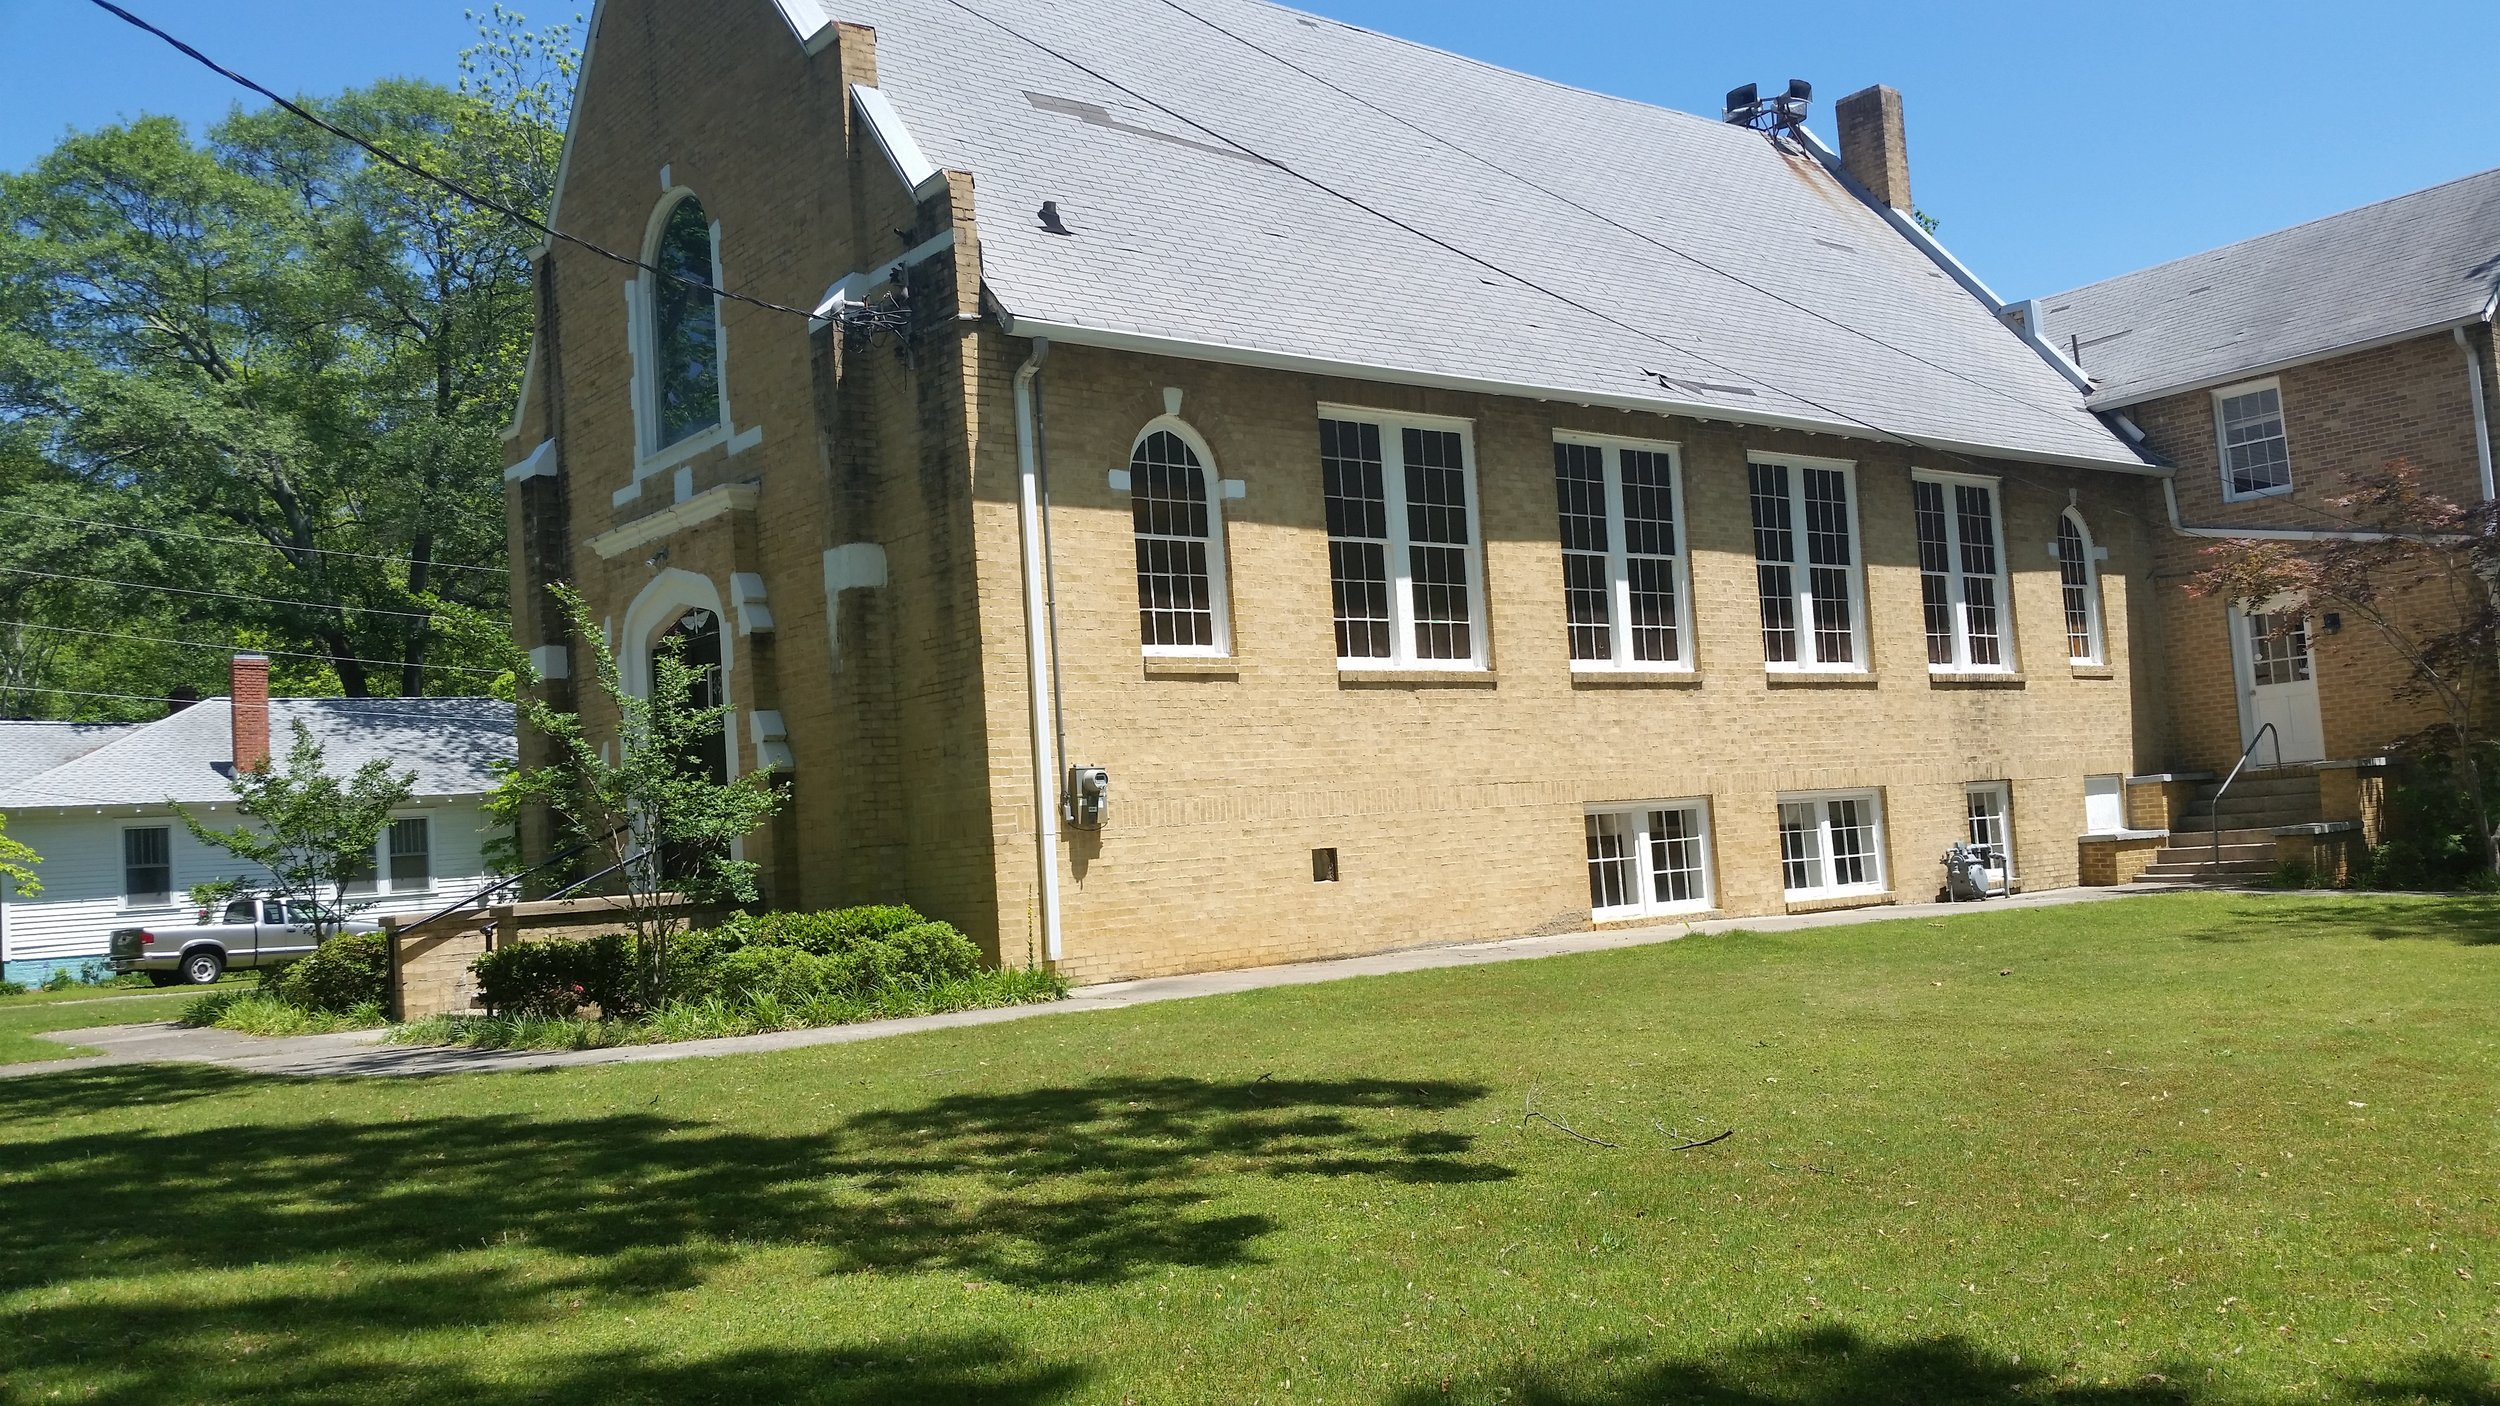 EL Nazareno Presbyterian Church